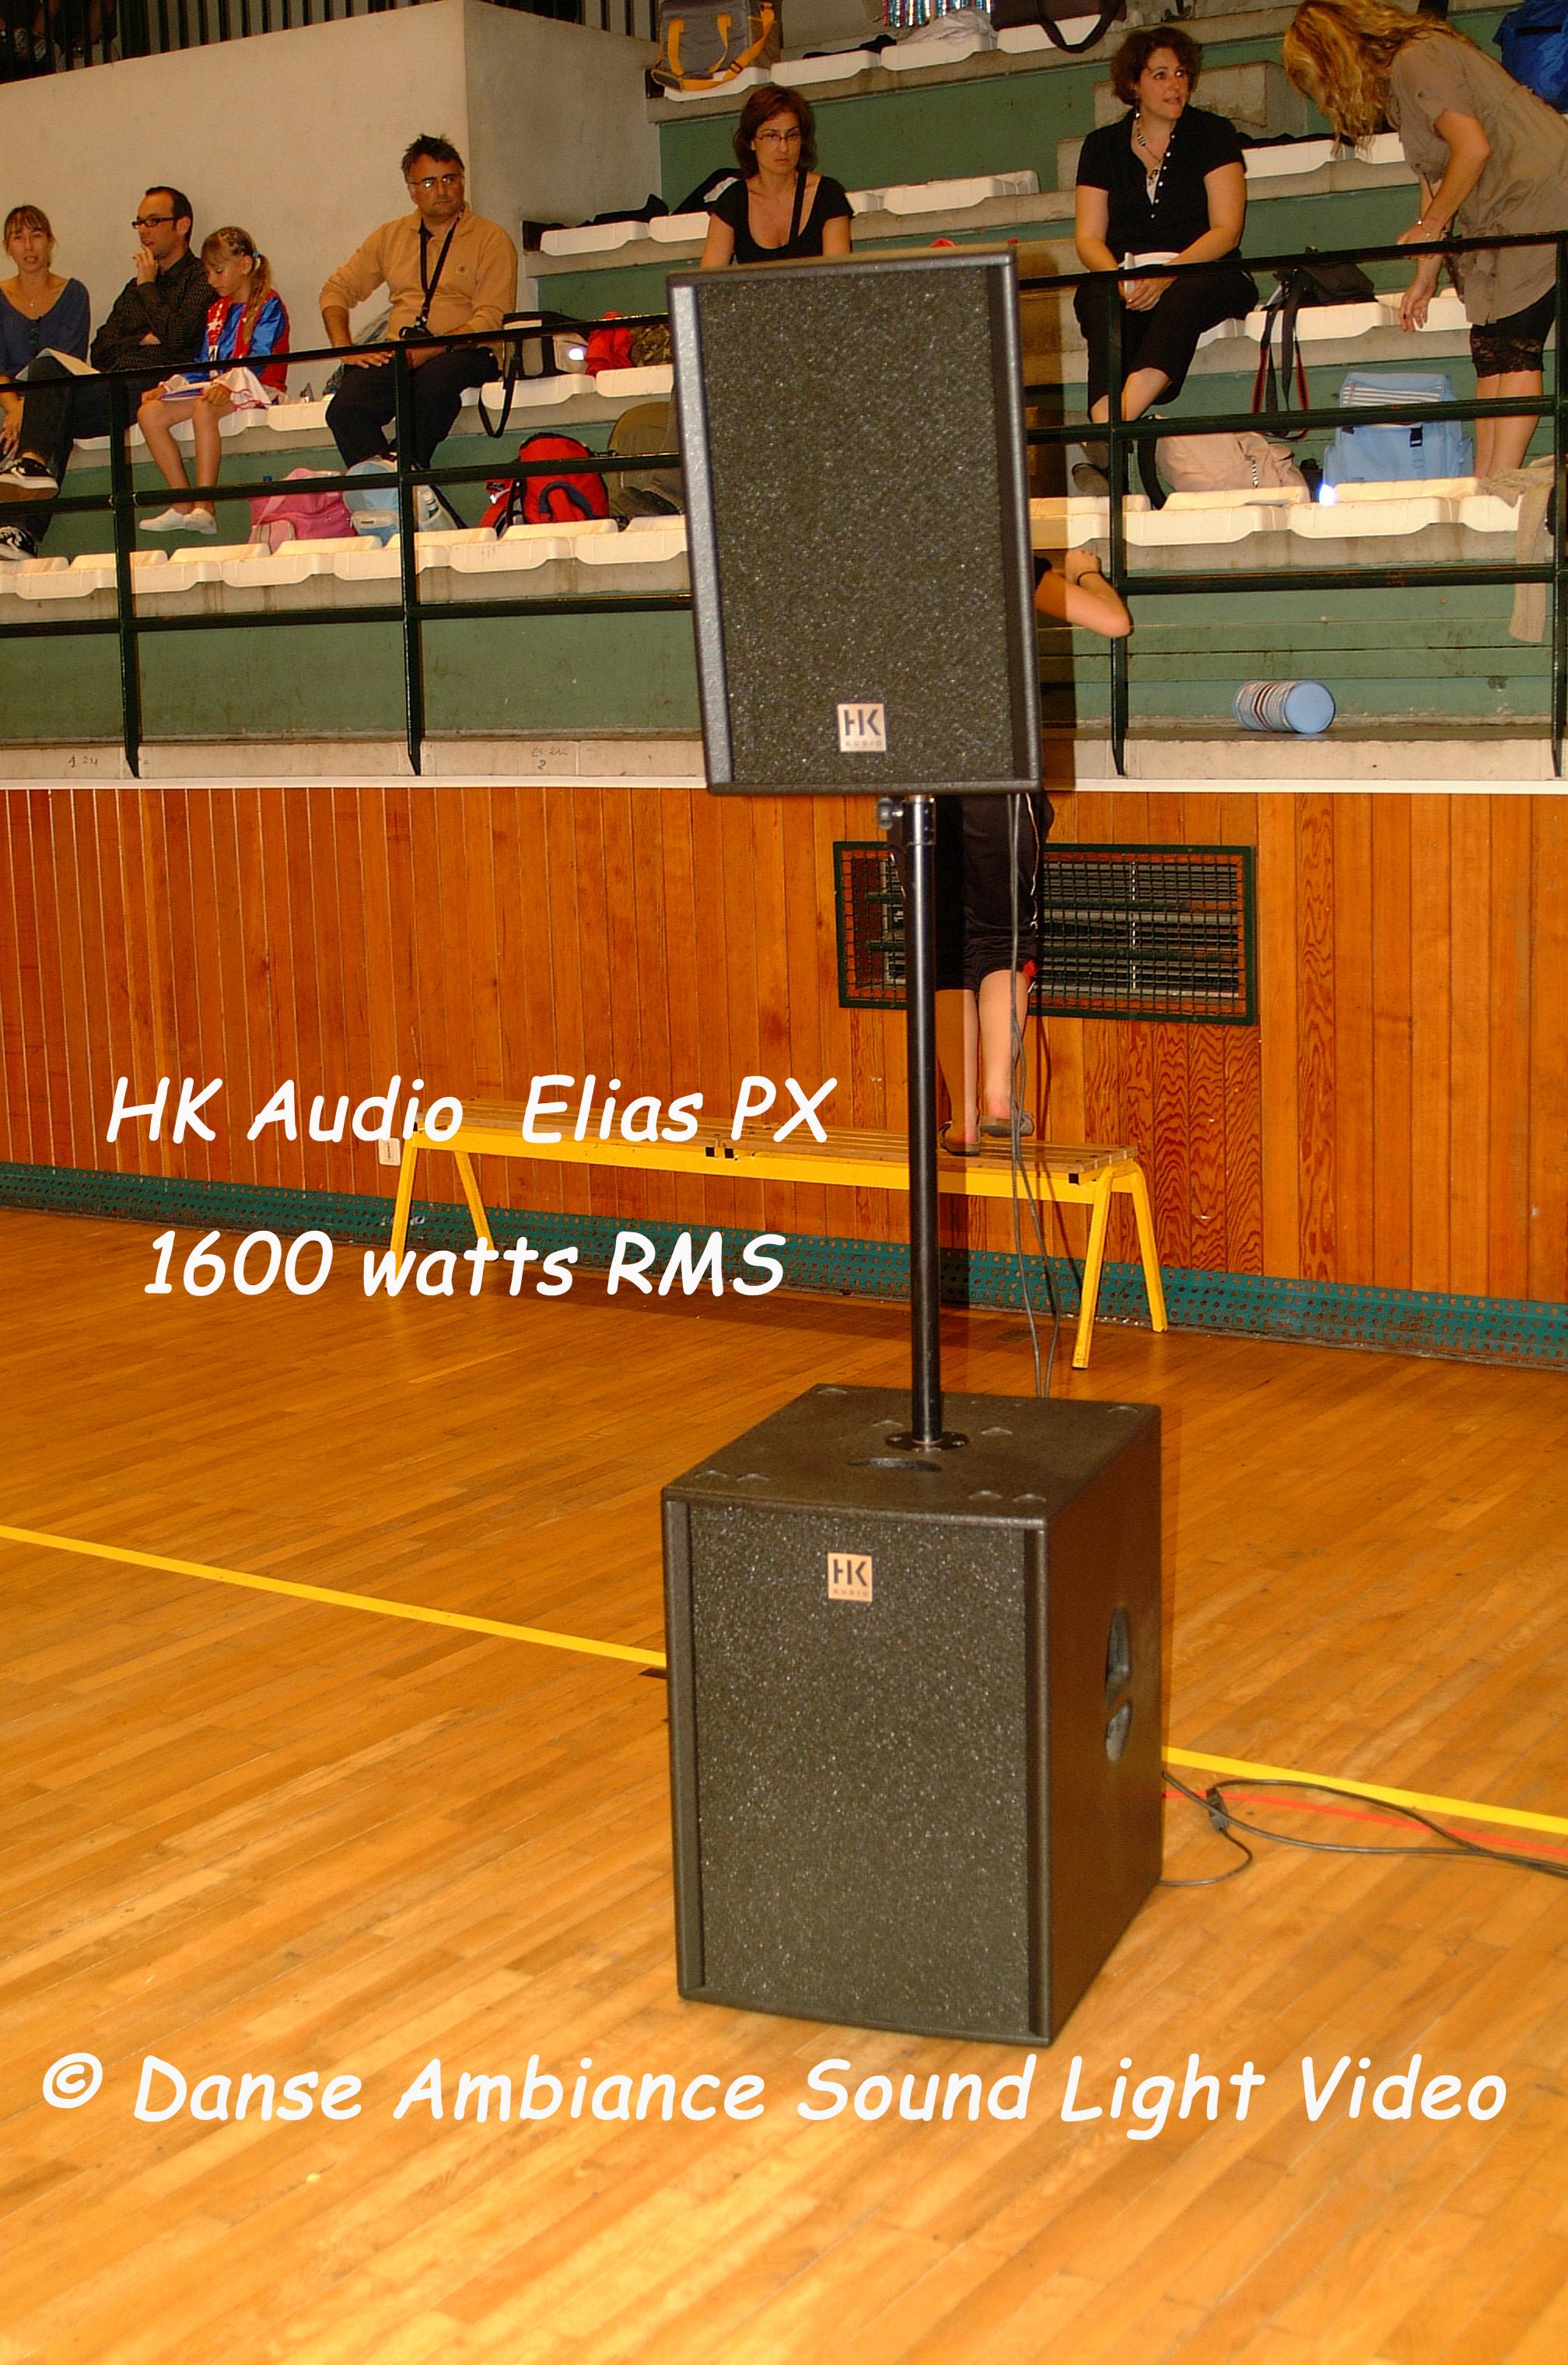 HK Audio Elias PX 1600 watts rms